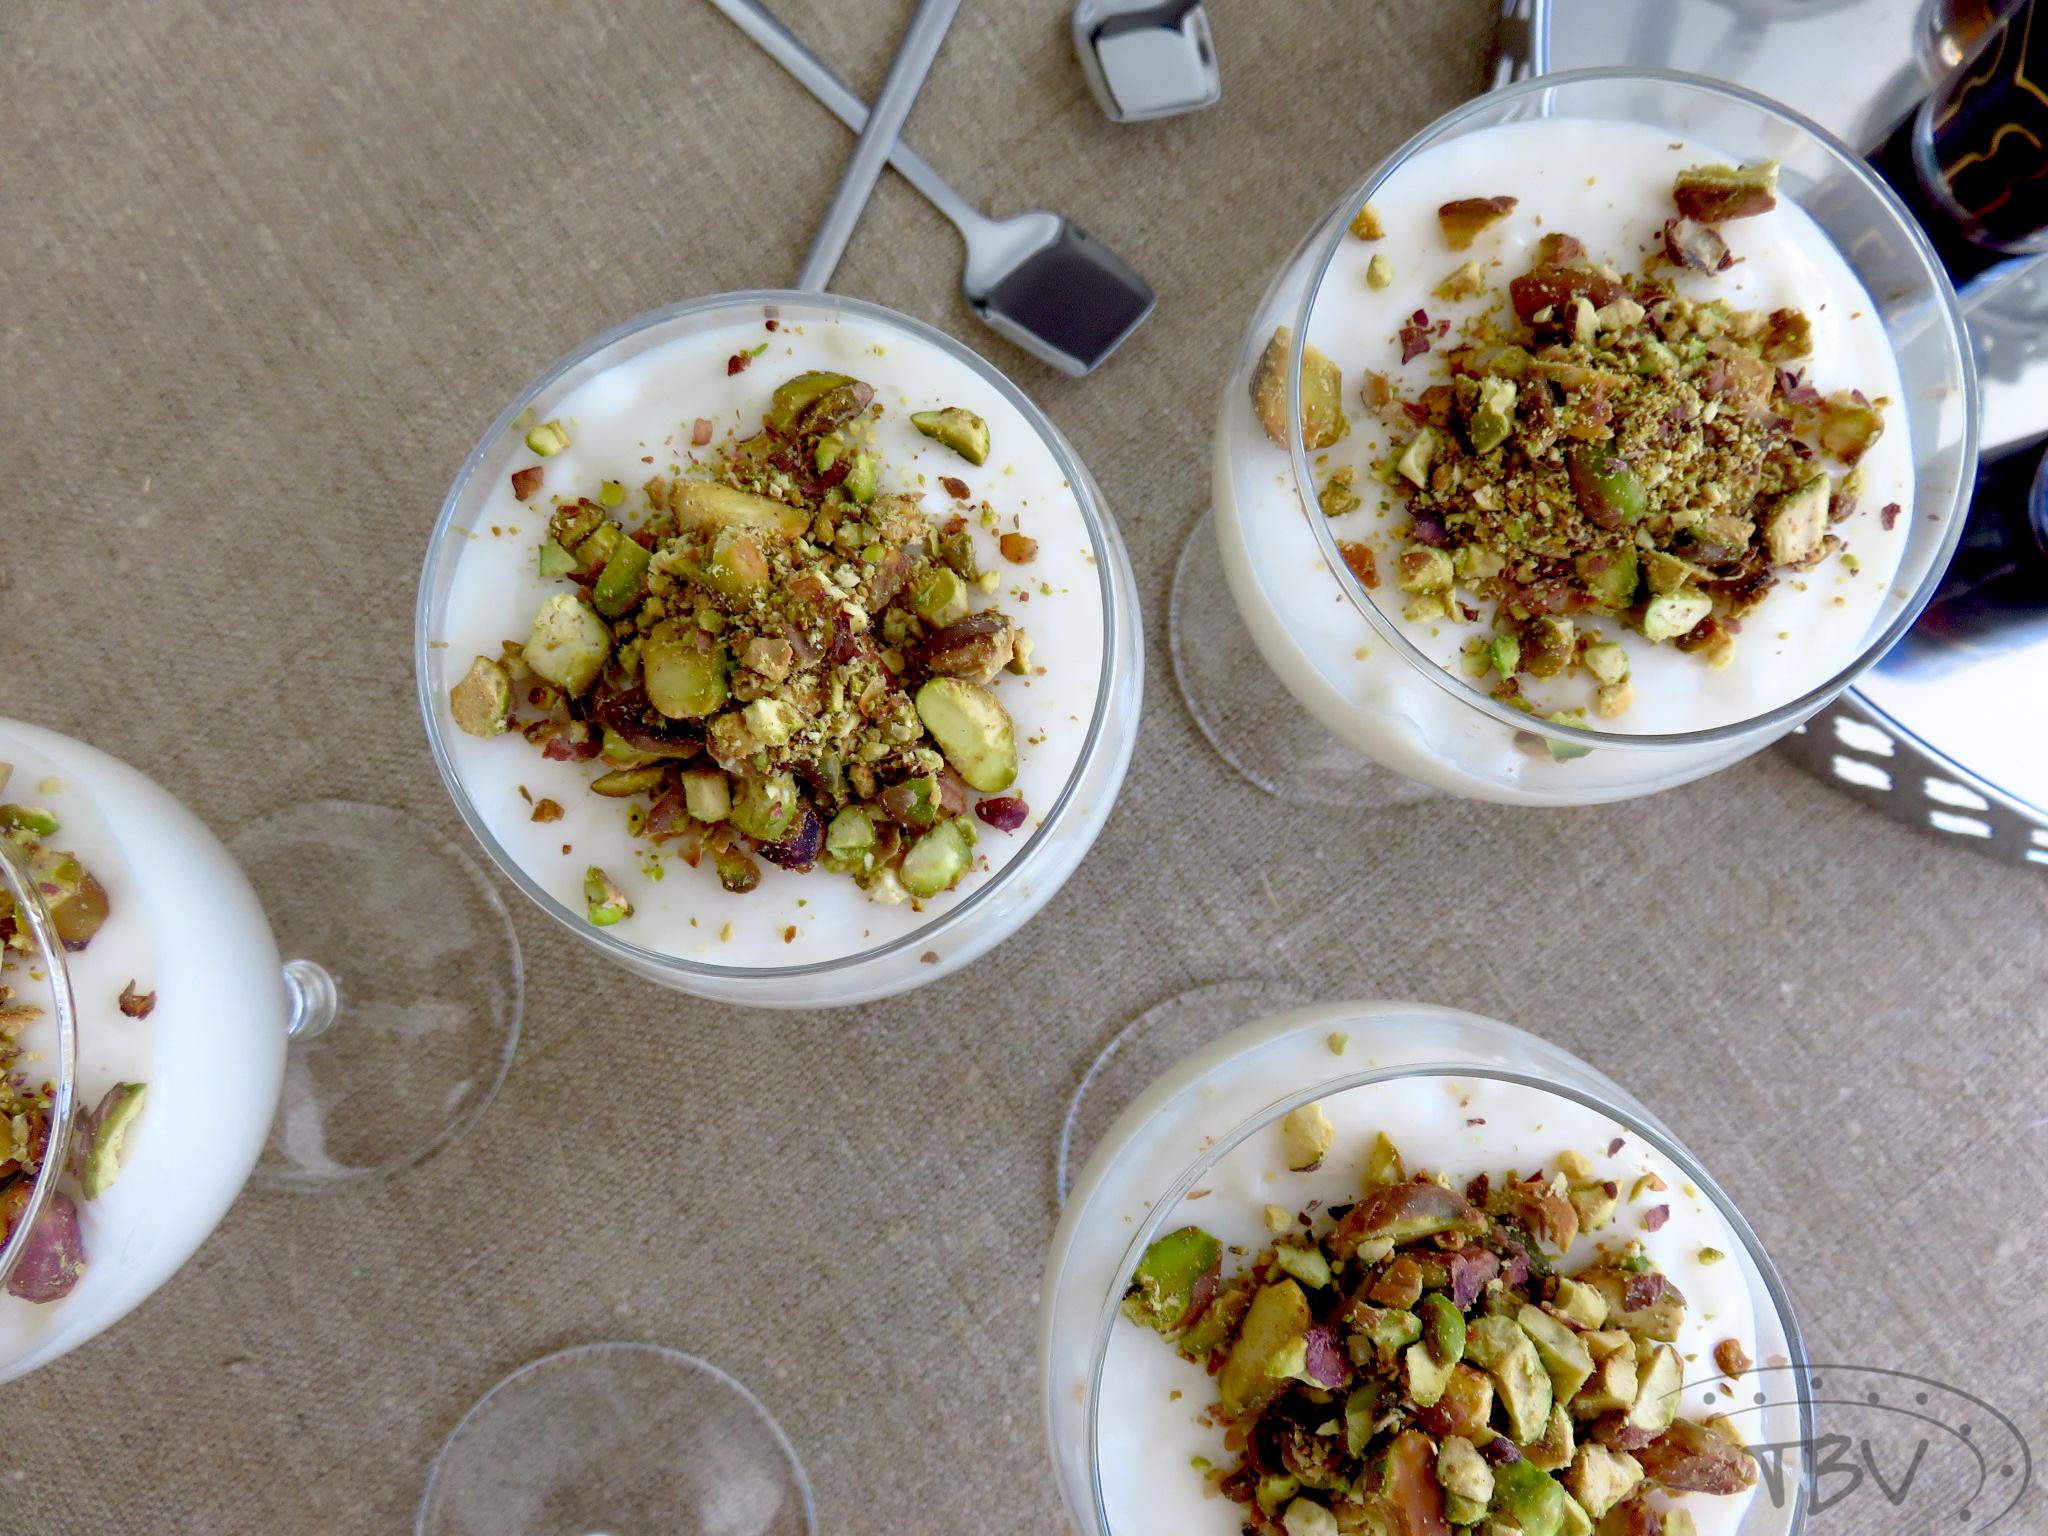 حلويات عربية  ..  مهلبيّة قليلة الدسم